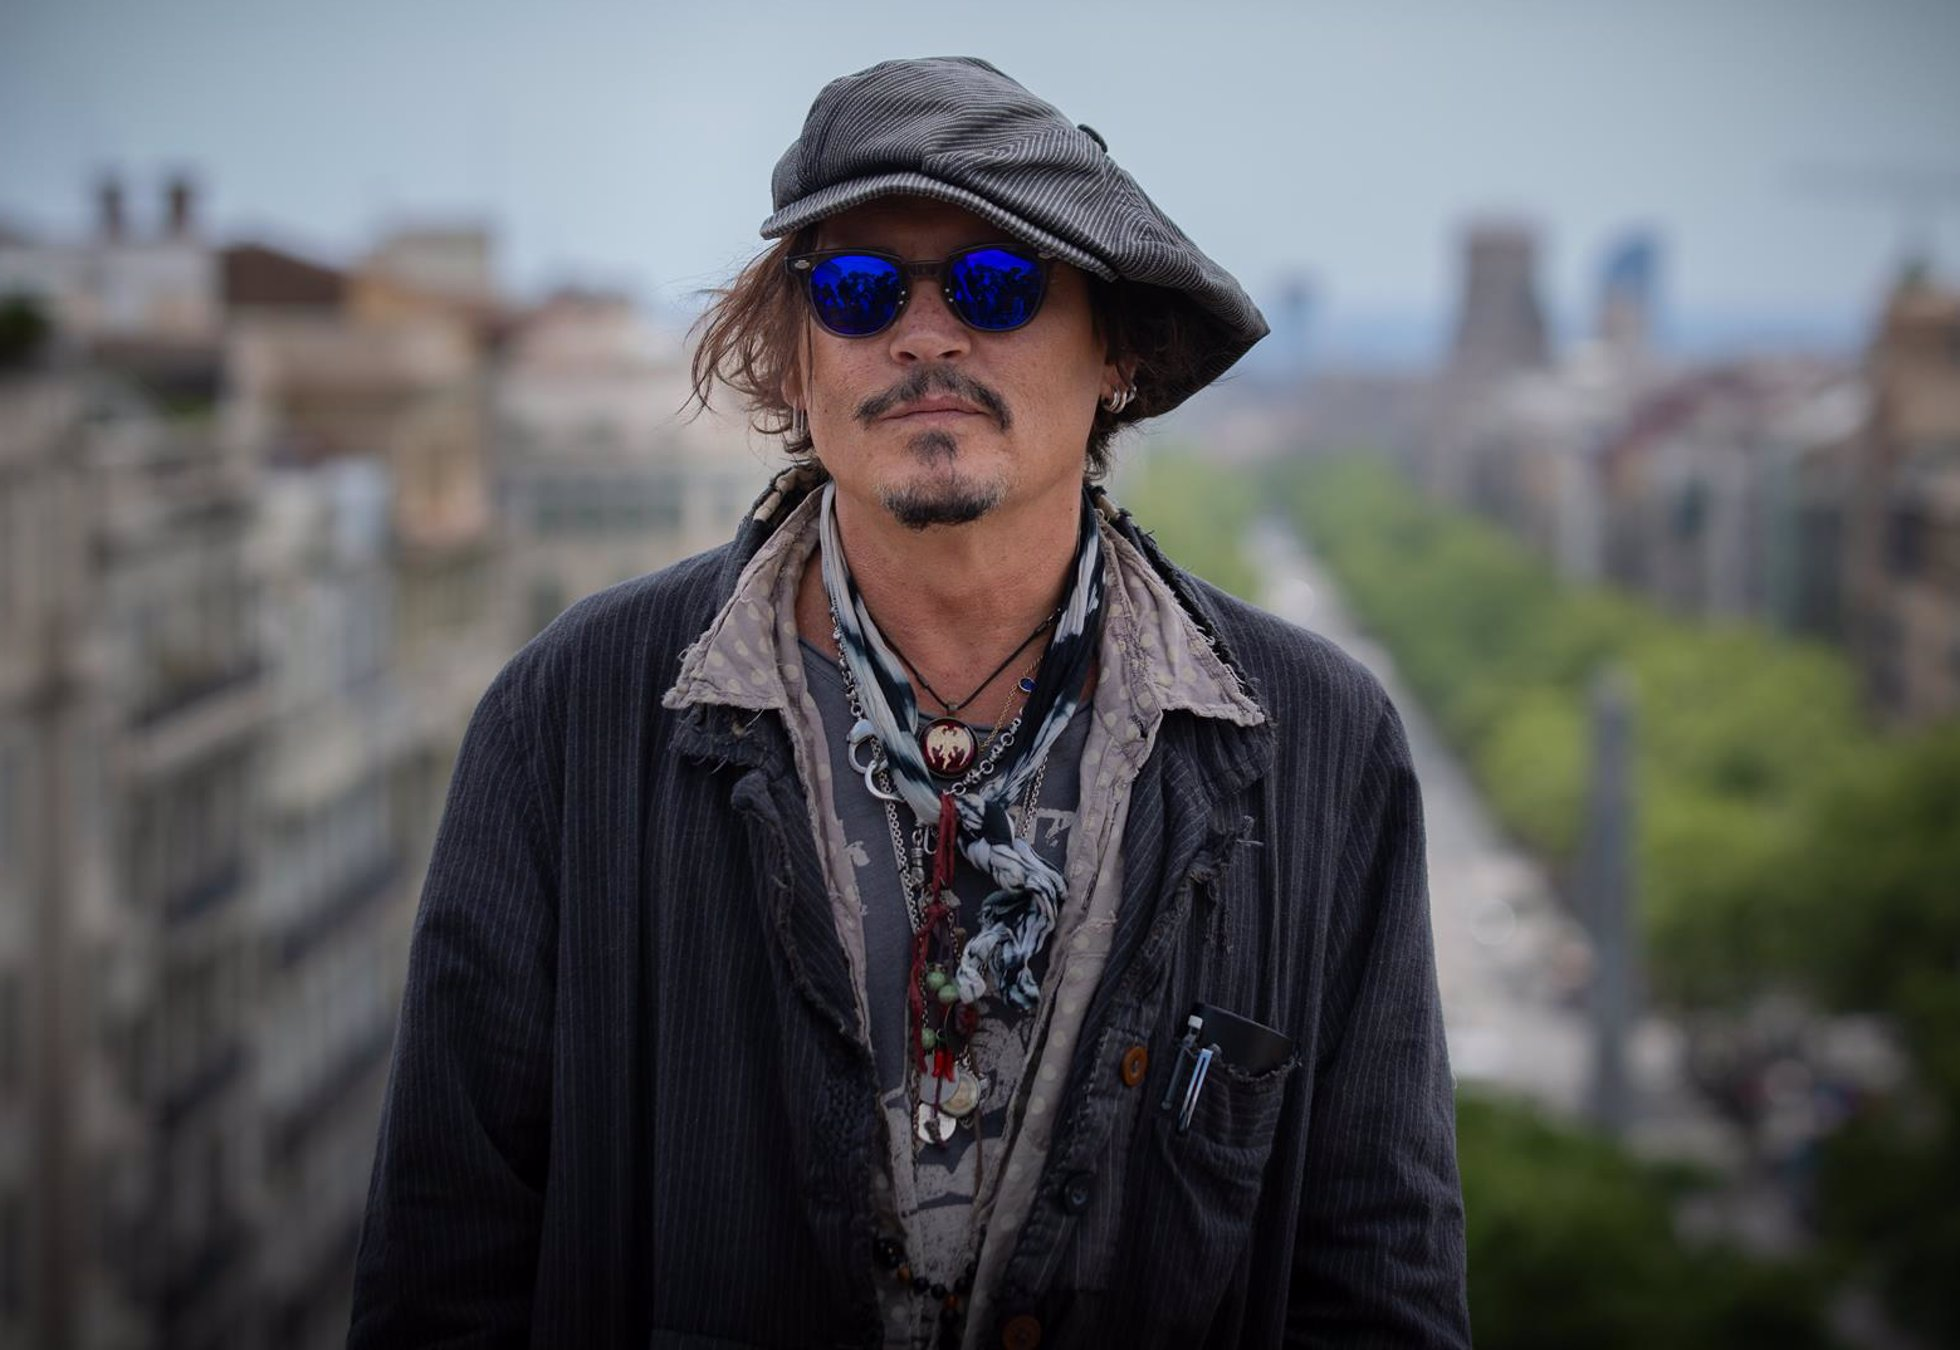 Archivo - El actor Johnny Depp posa después de la rueda de prensa de presentación de la película 'El fotógrafo de Minamata' en la quinta edición del BCN Film Fest, a 16 de abril de 2021, en Barcelona (España).